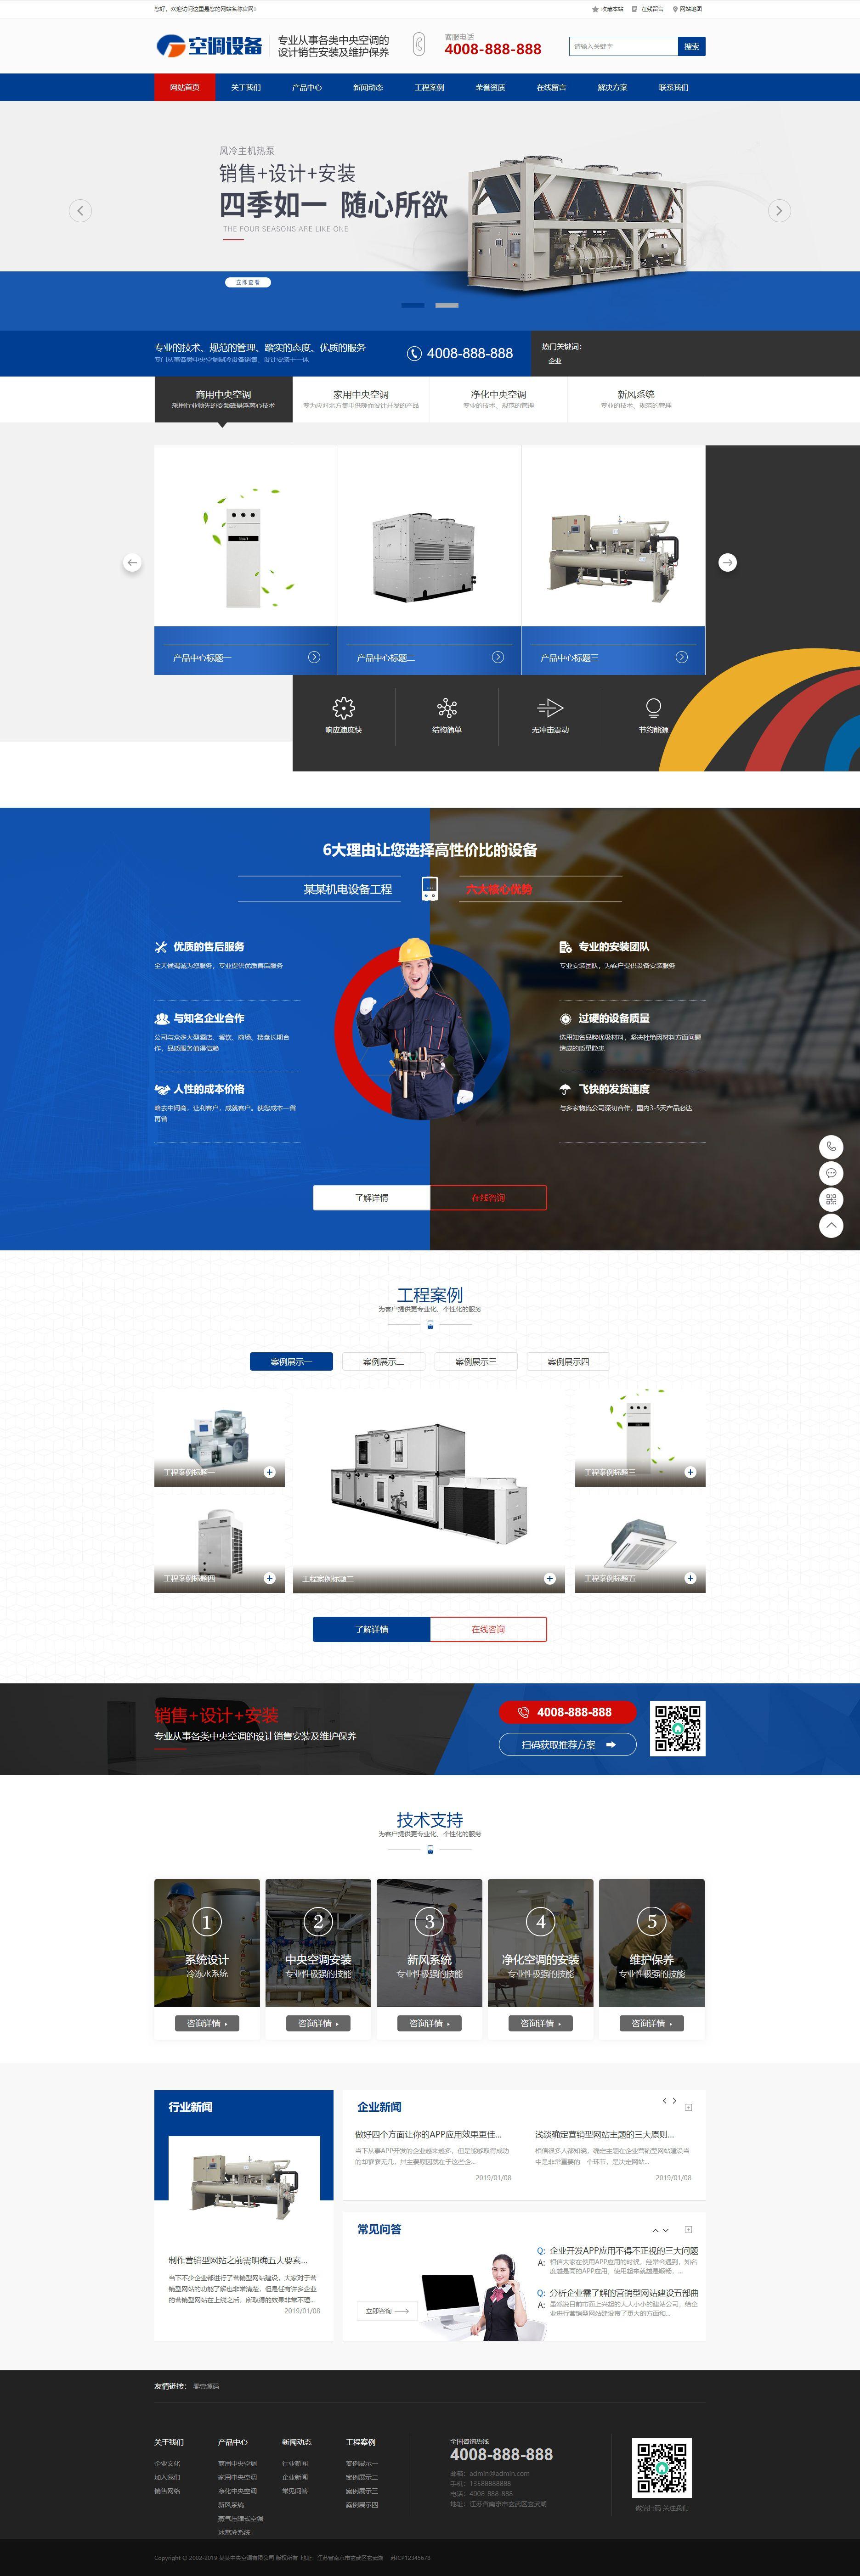 中央空调设备系统类网站织梦dedecms模板(带手机端)